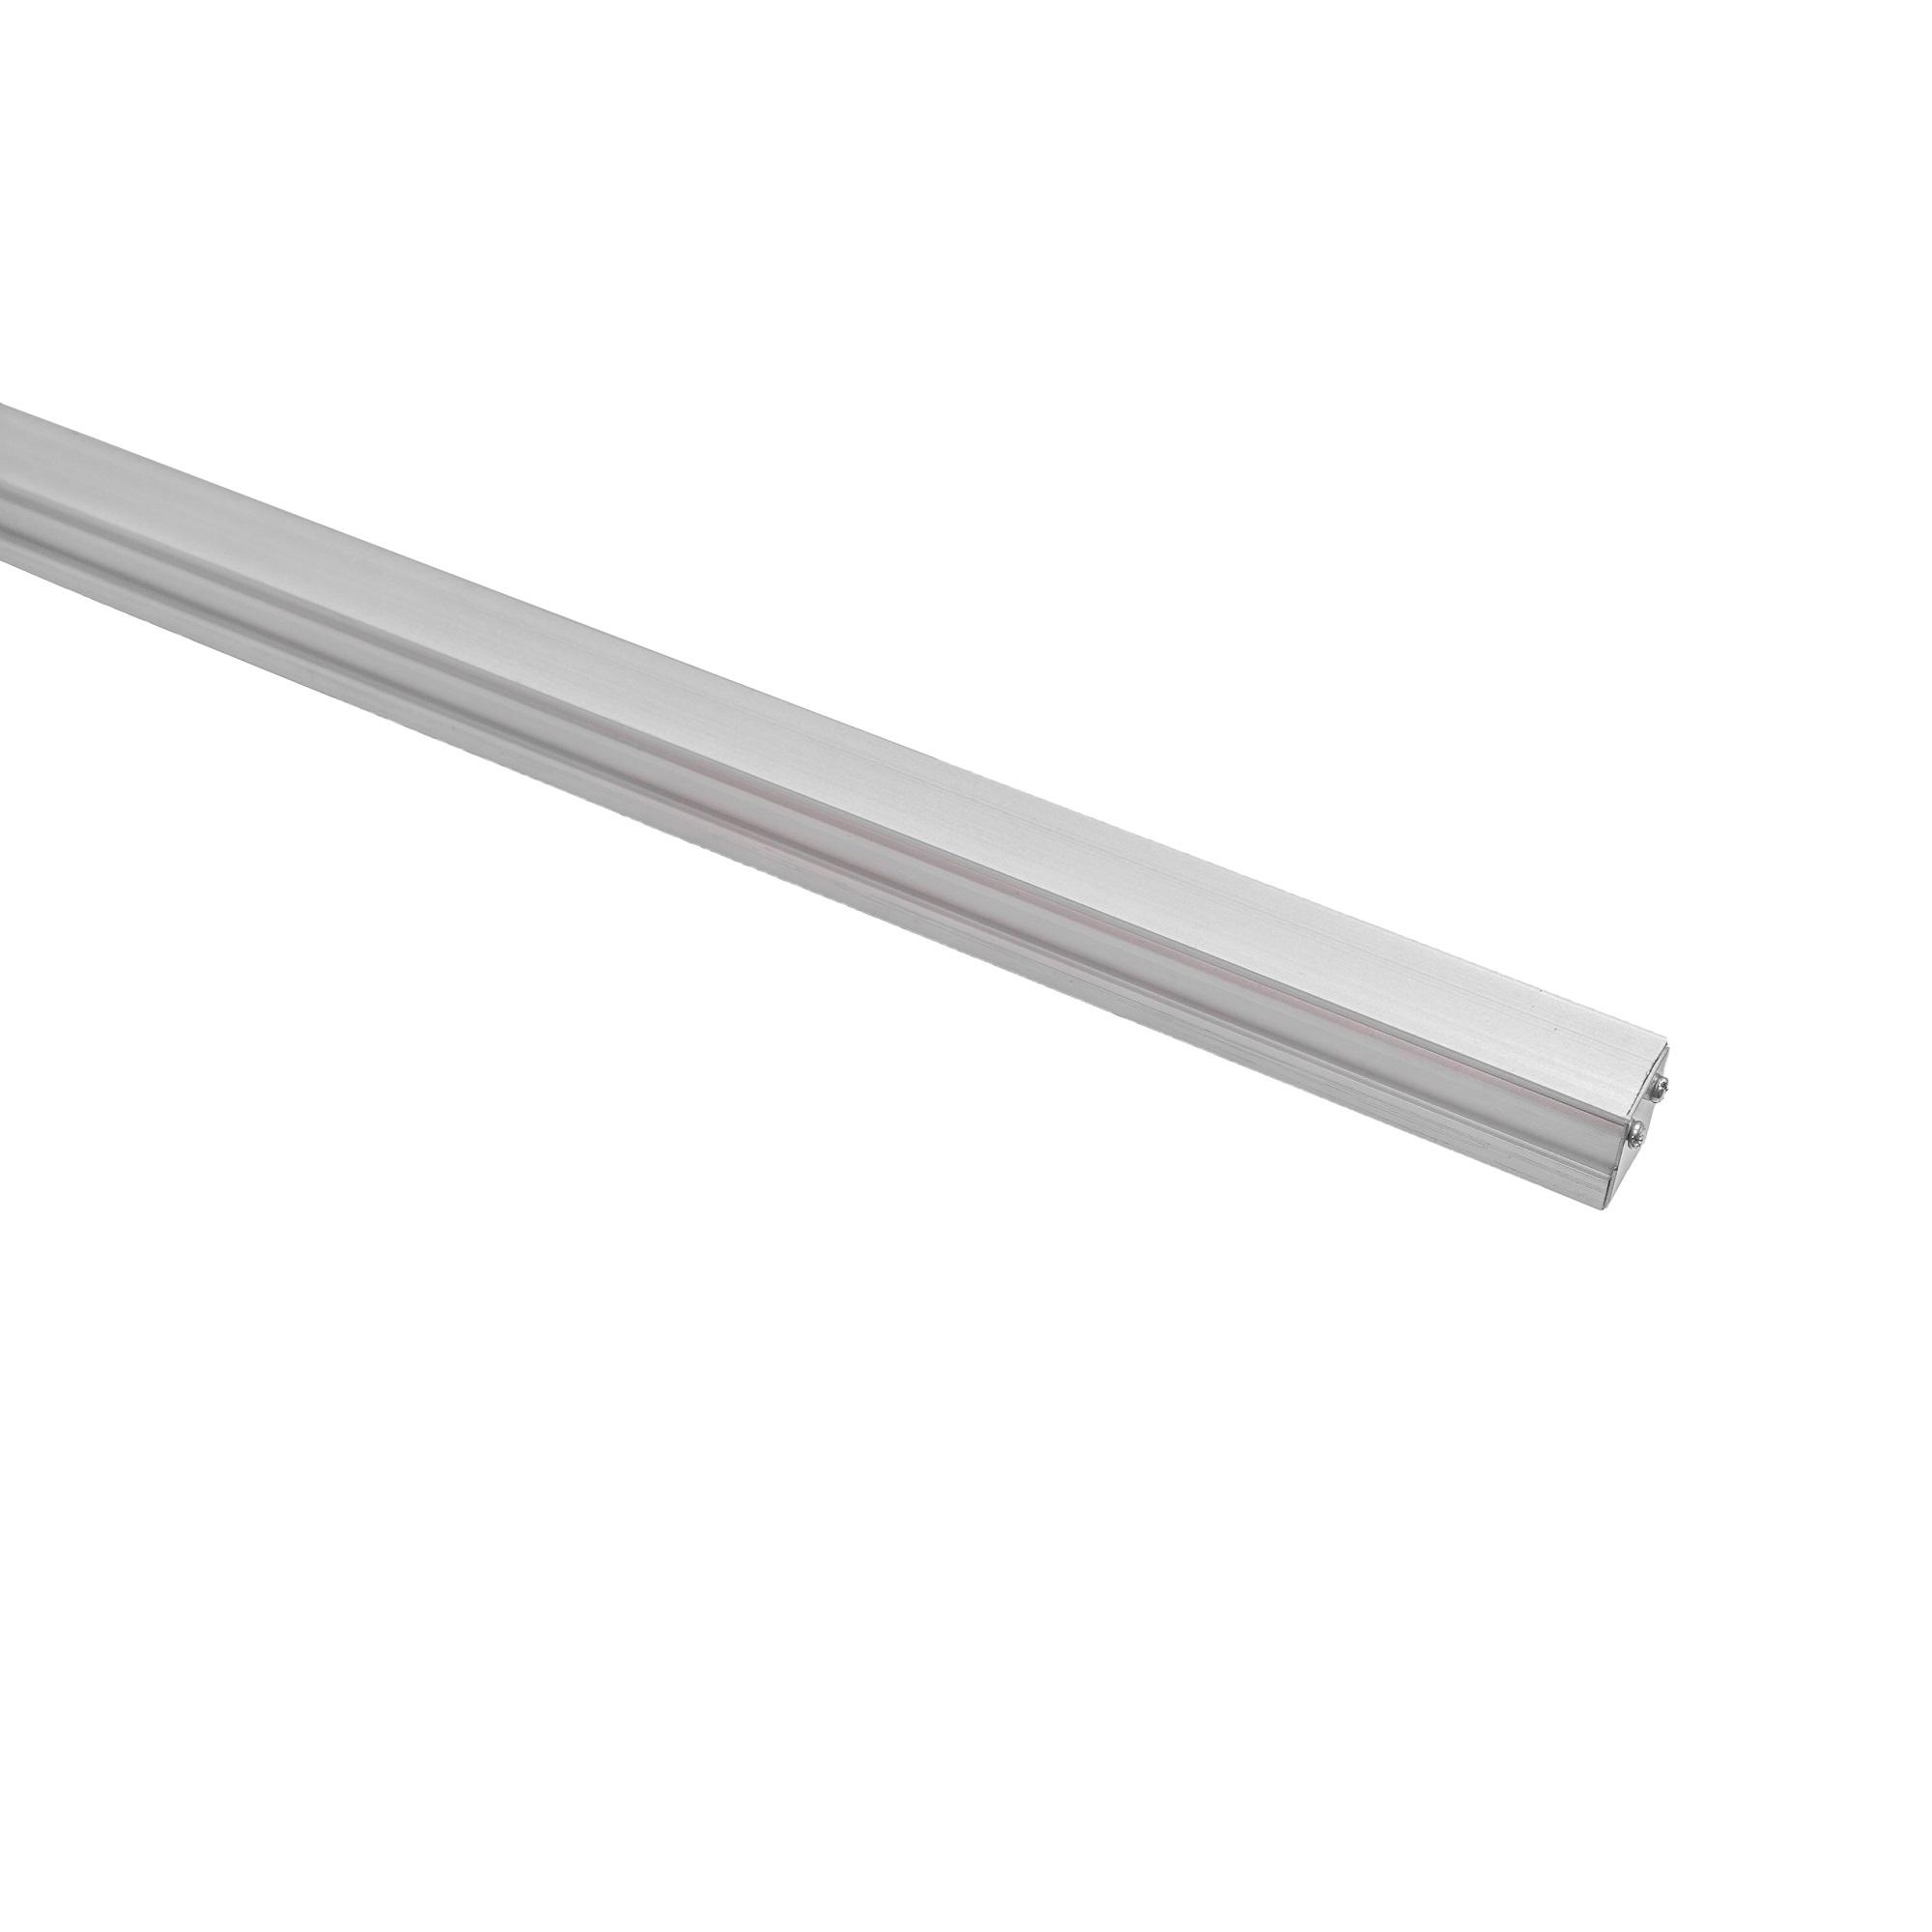 چراغ ال ای دی خطی 18 وات مدل آنیل کد W10-50